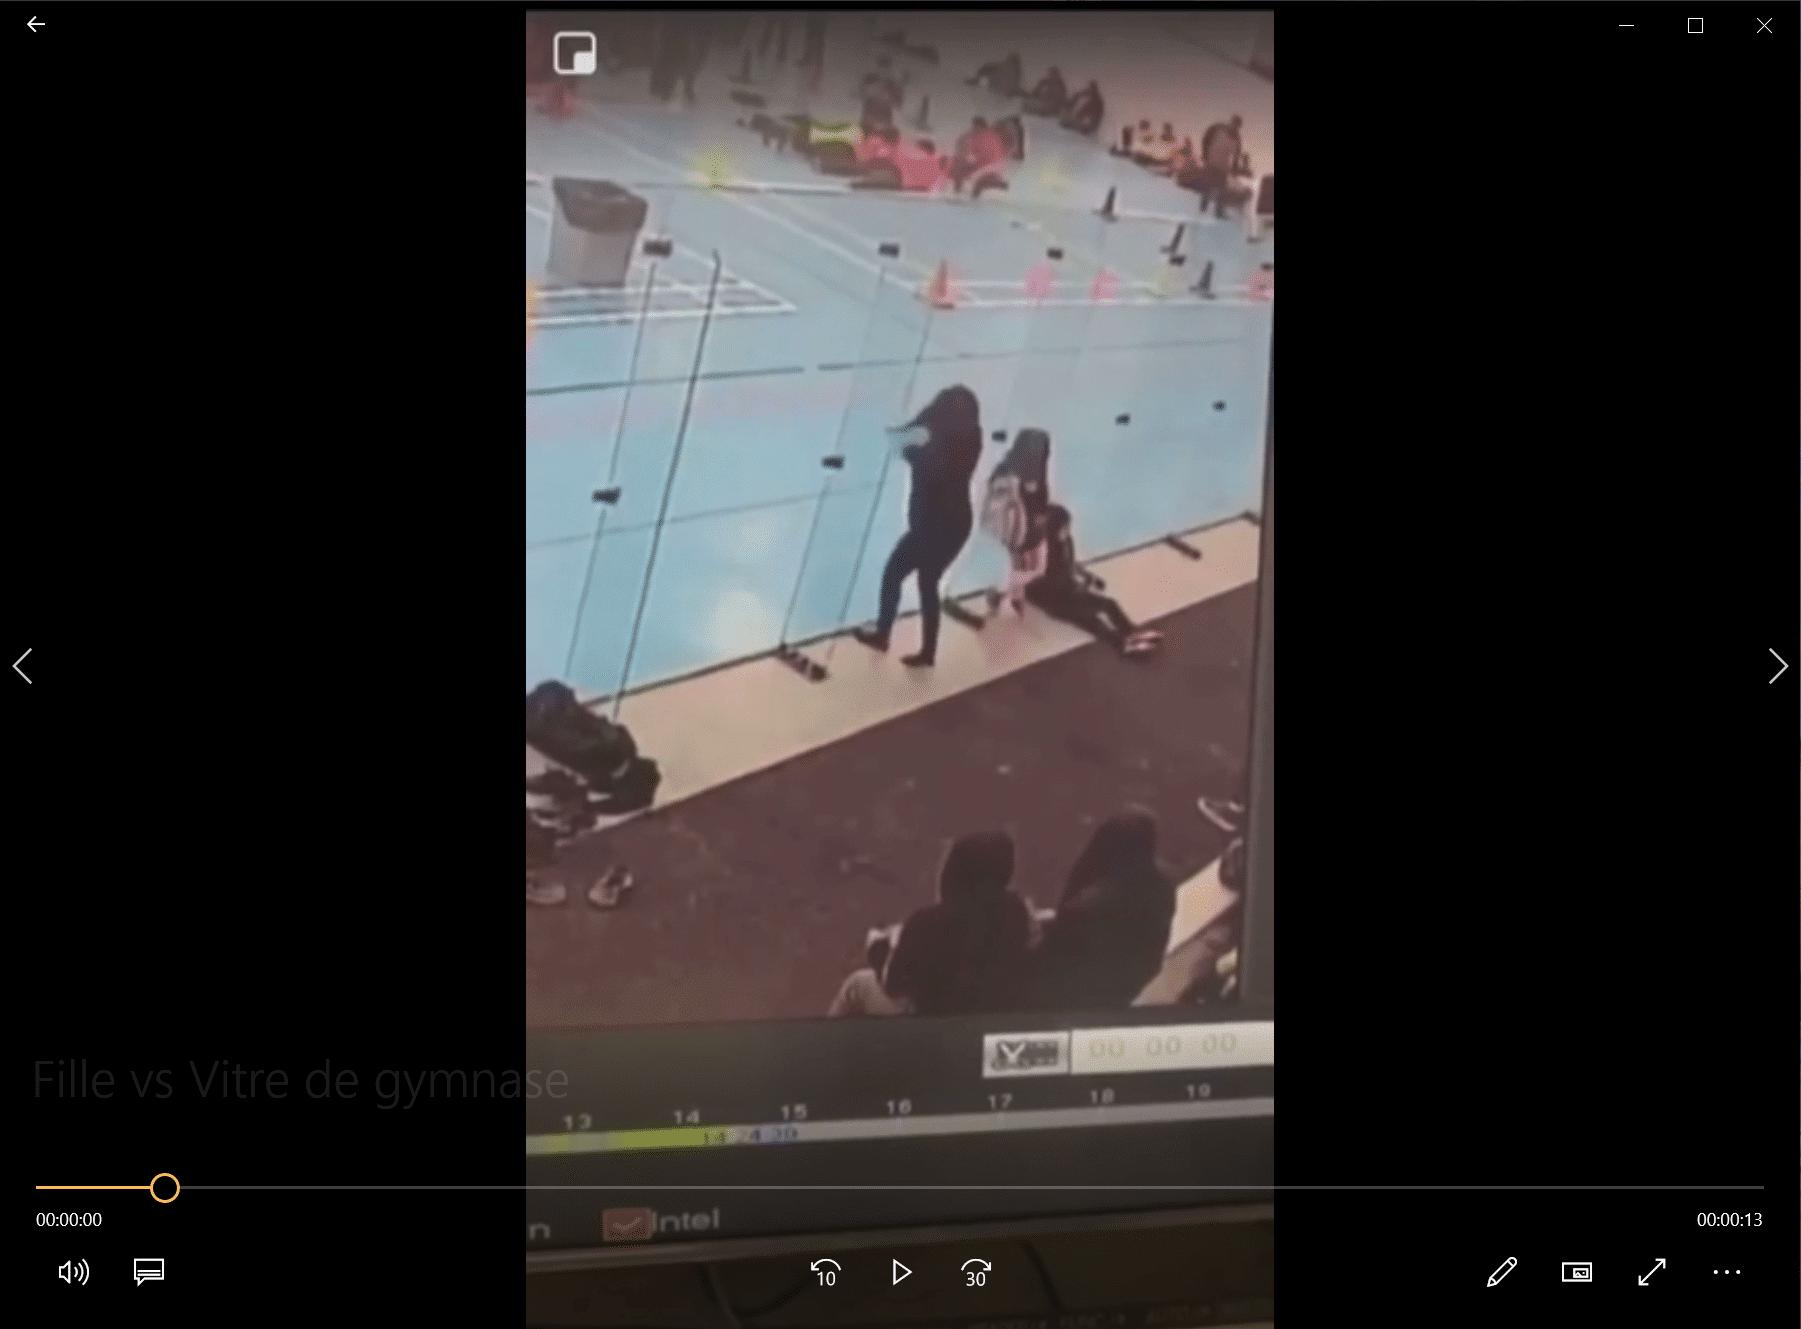 Fille vs Vitre de gymnase